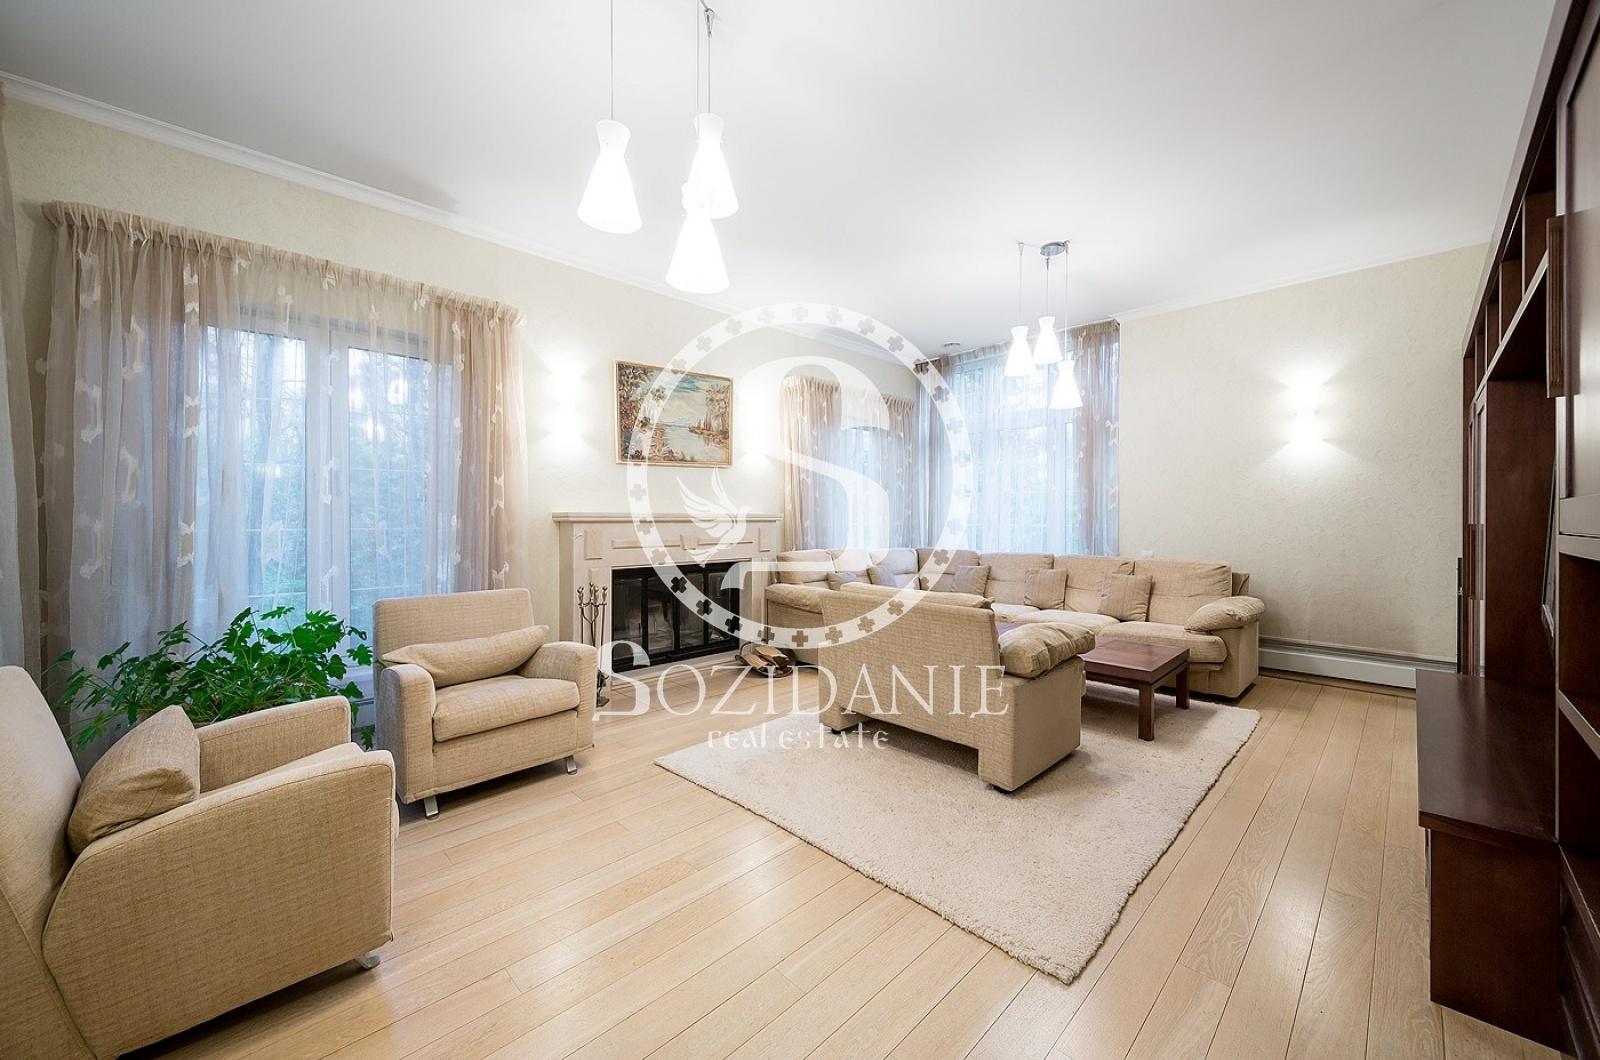 4 Bedrooms, Загородная, Продажа, Listing ID 3560, Московская область, Россия,